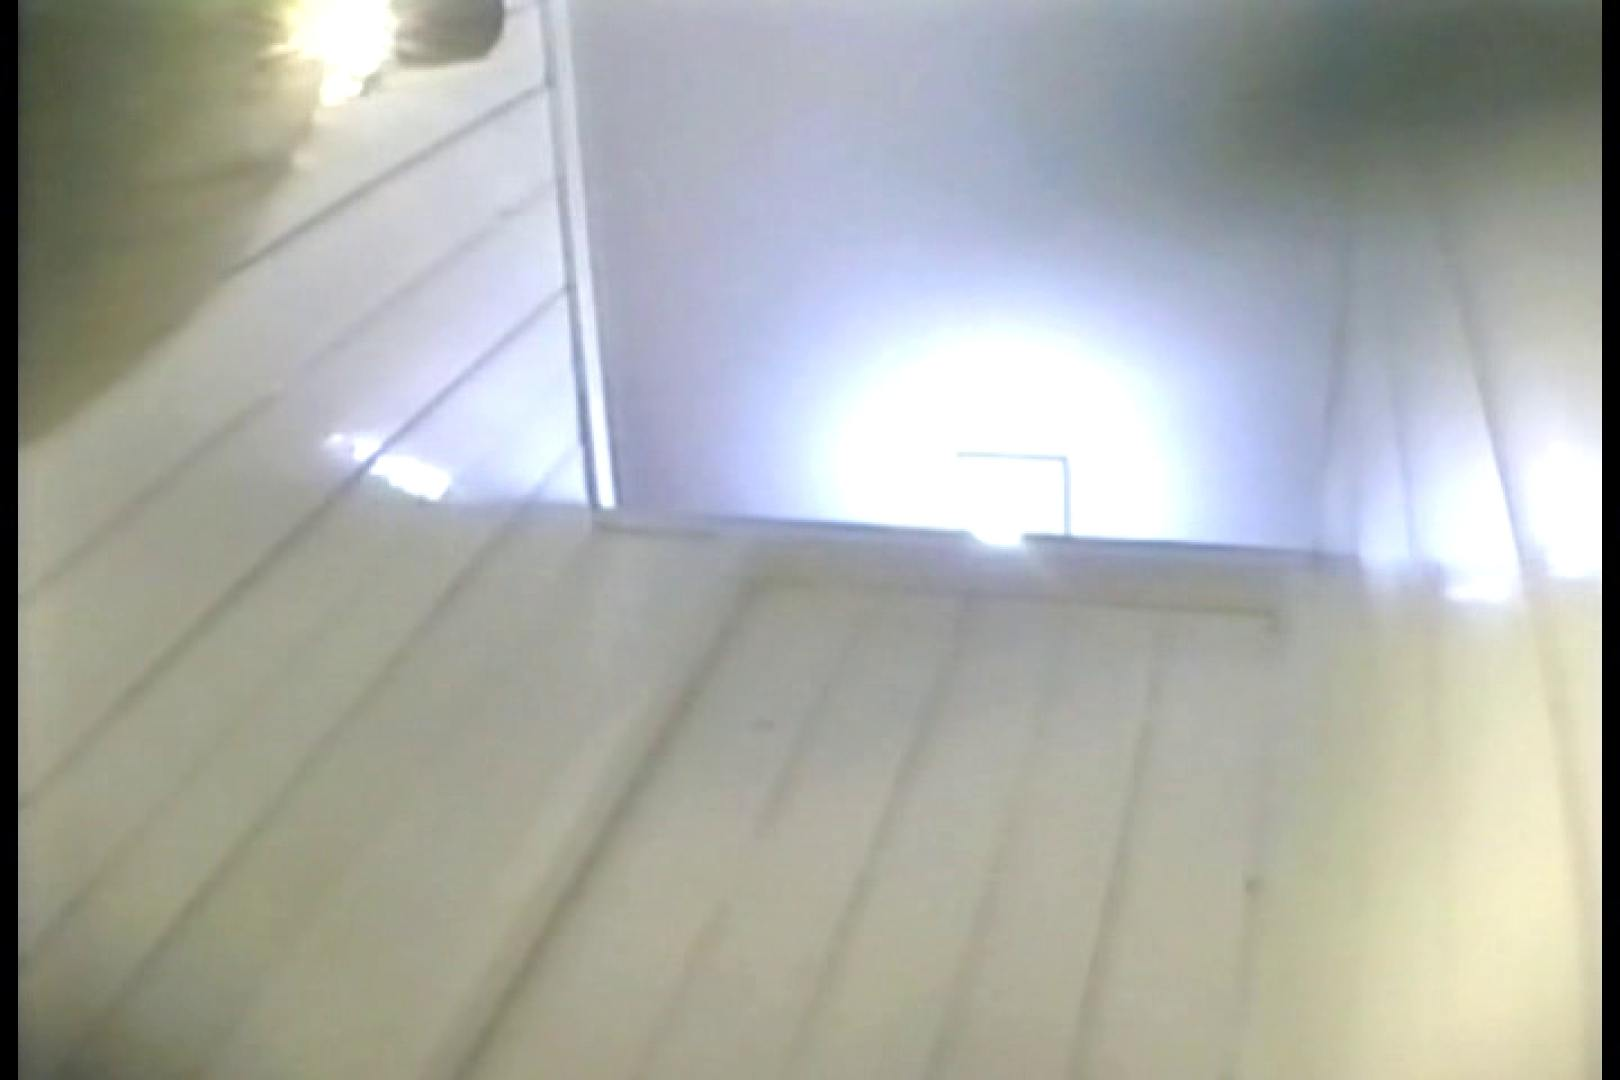 高画質版!SPD-072 PEEPING WC SPY-CAM 総集編SPECIAL プライベート おまんこ無修正動画無料 113PIX 74